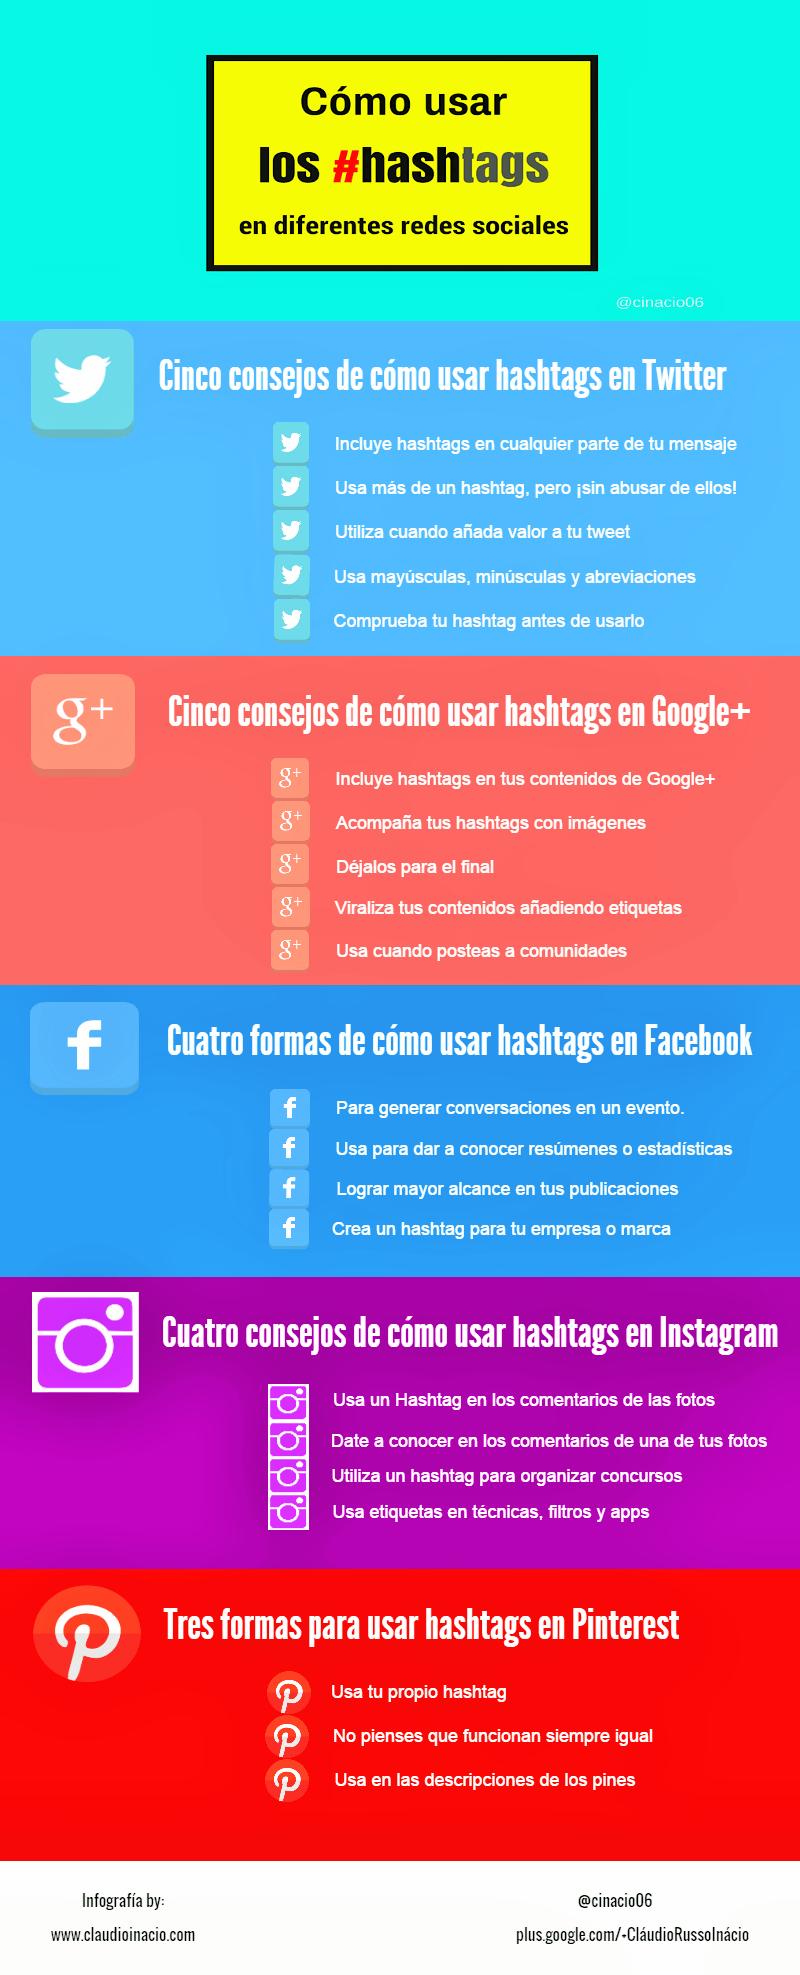 Cómo usar hashtags